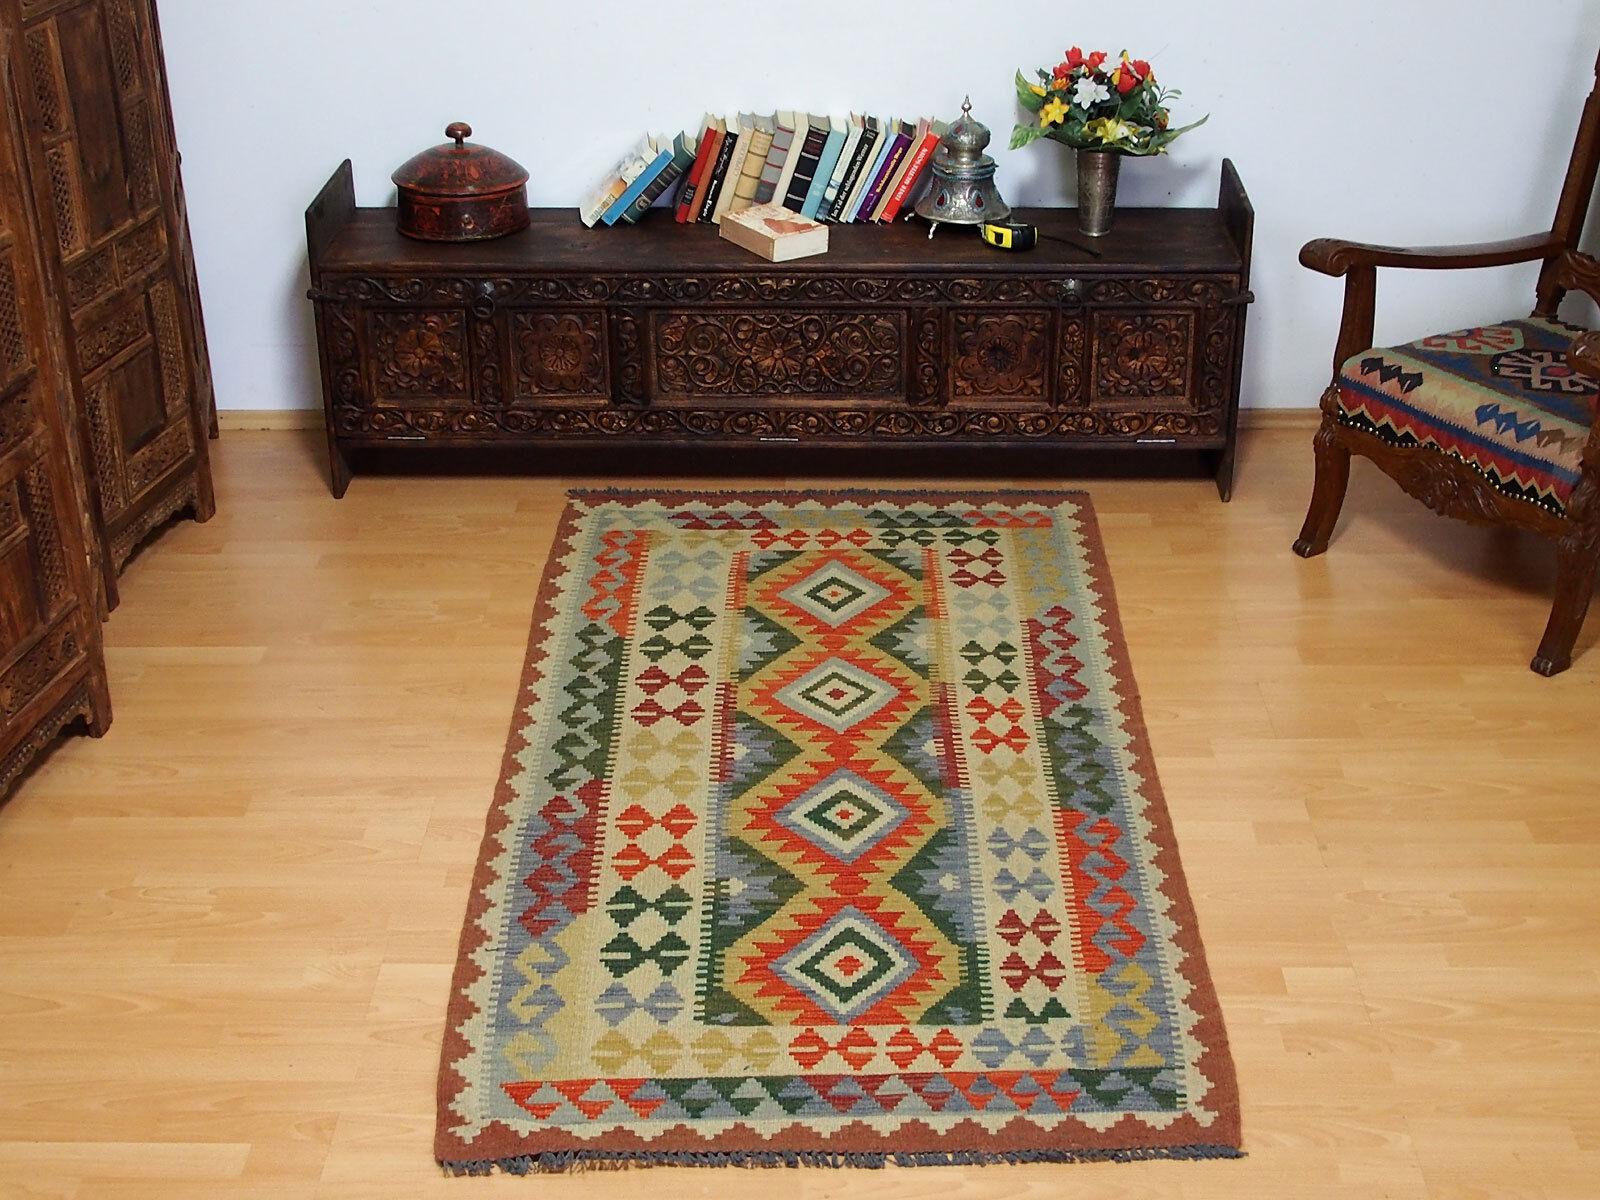 Teppiche & Flachgewebe 206x157 Cm Orient Teppich Afghan Turkmen Nomaden Planzenfarbe Kelim Kilim No:68 Persische Teppiche